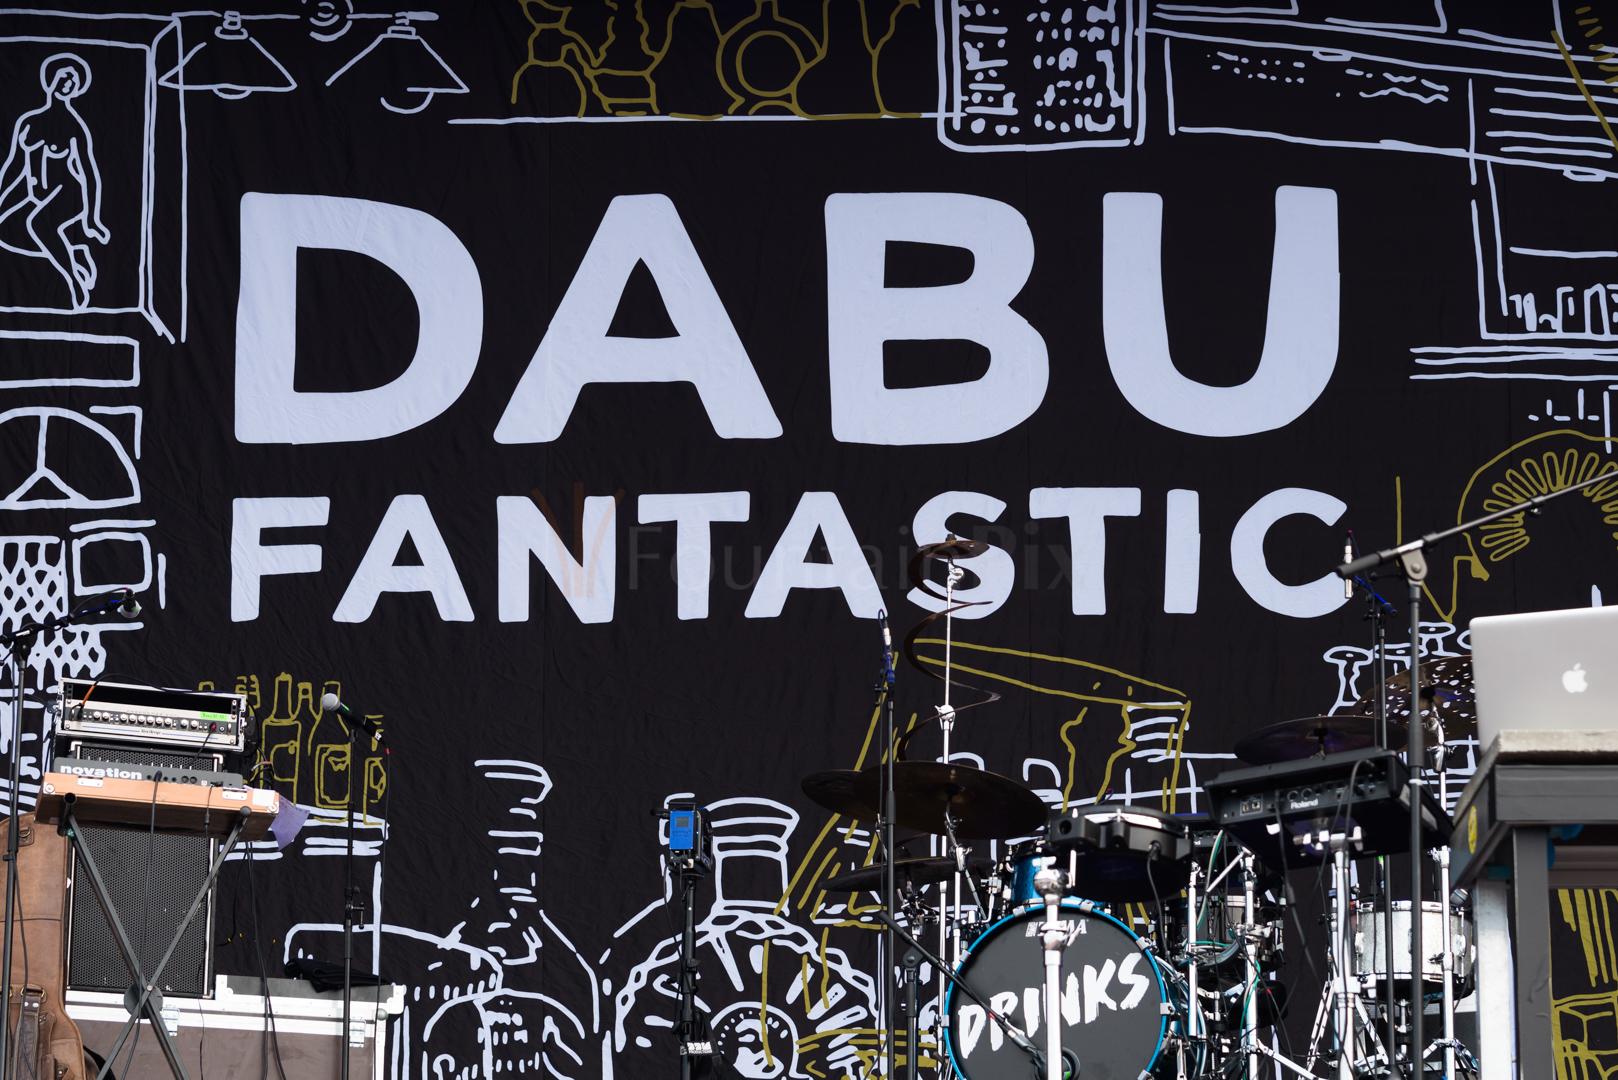 1 Dabu Fantastic